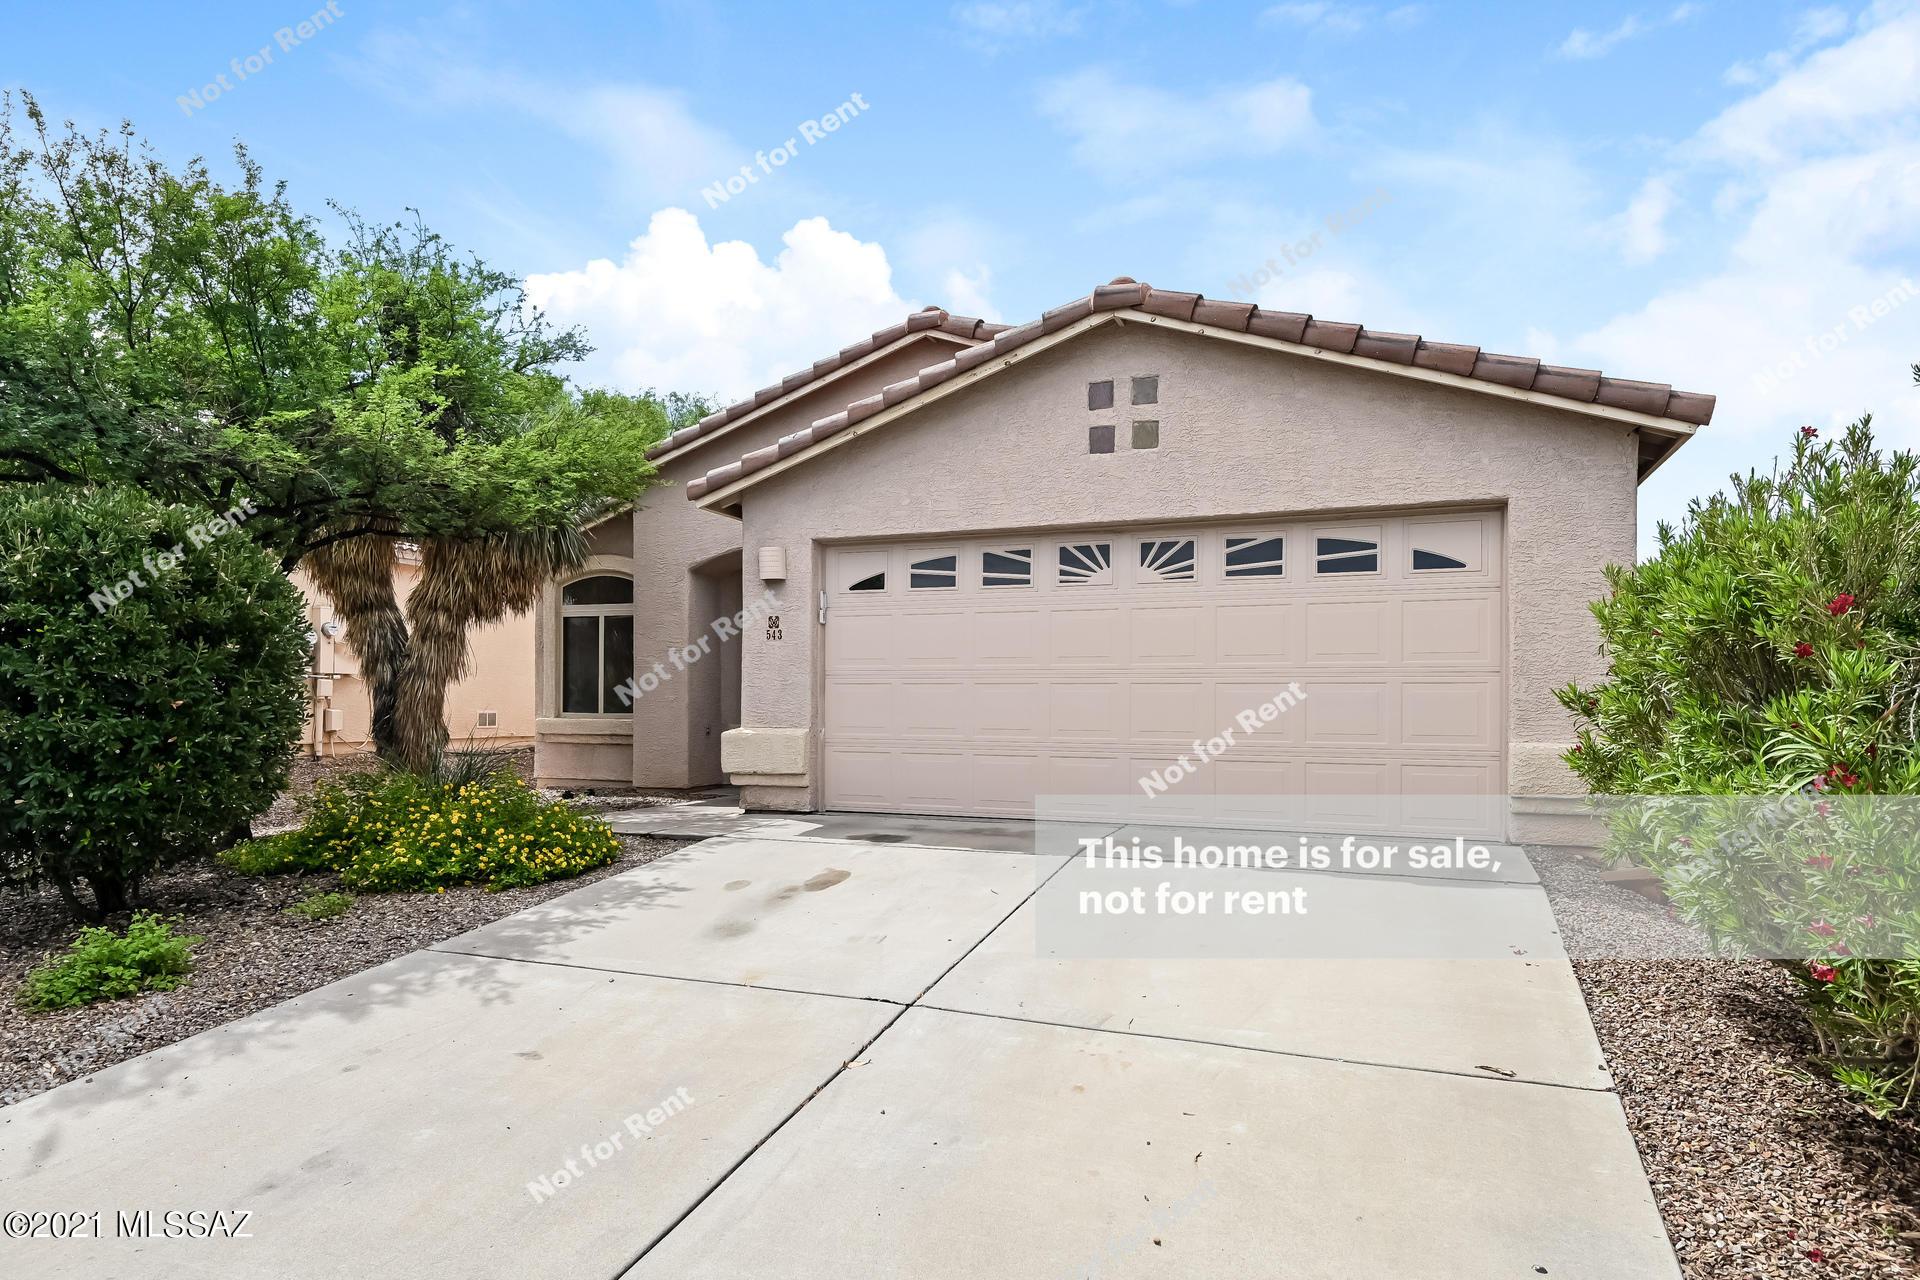 543 W Tara Danette Drive, Tucson, AZ 85704